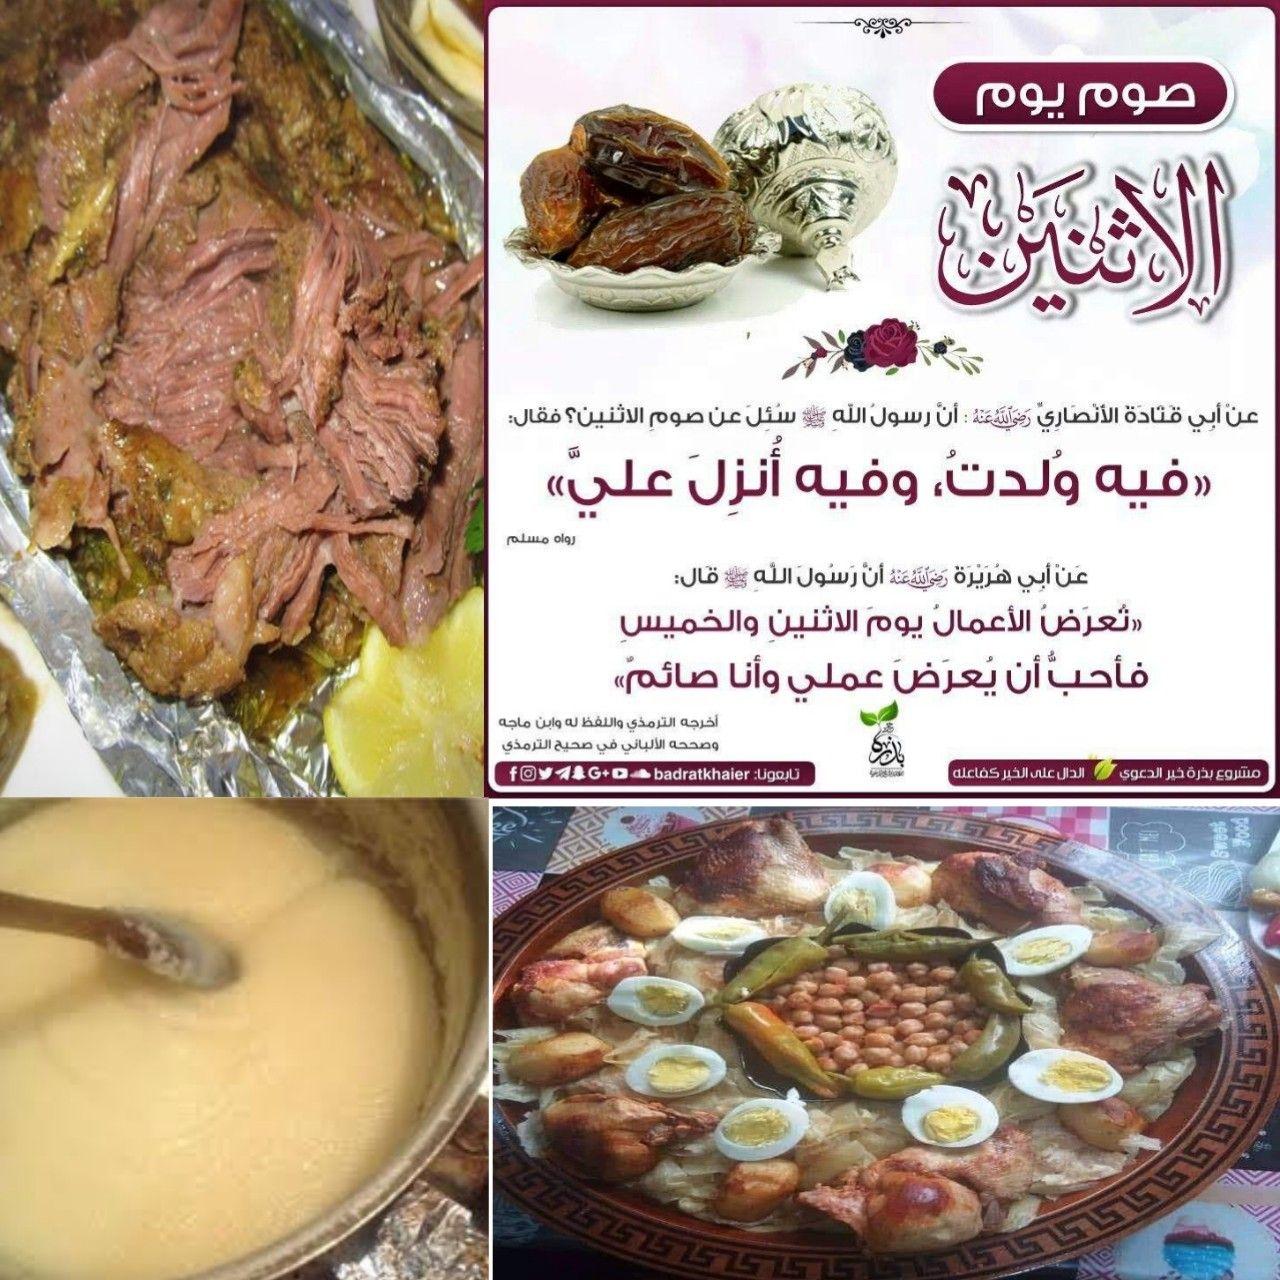 Pin By Alghorabae Almoslihoun On فوائد عامة Food Meat Beef